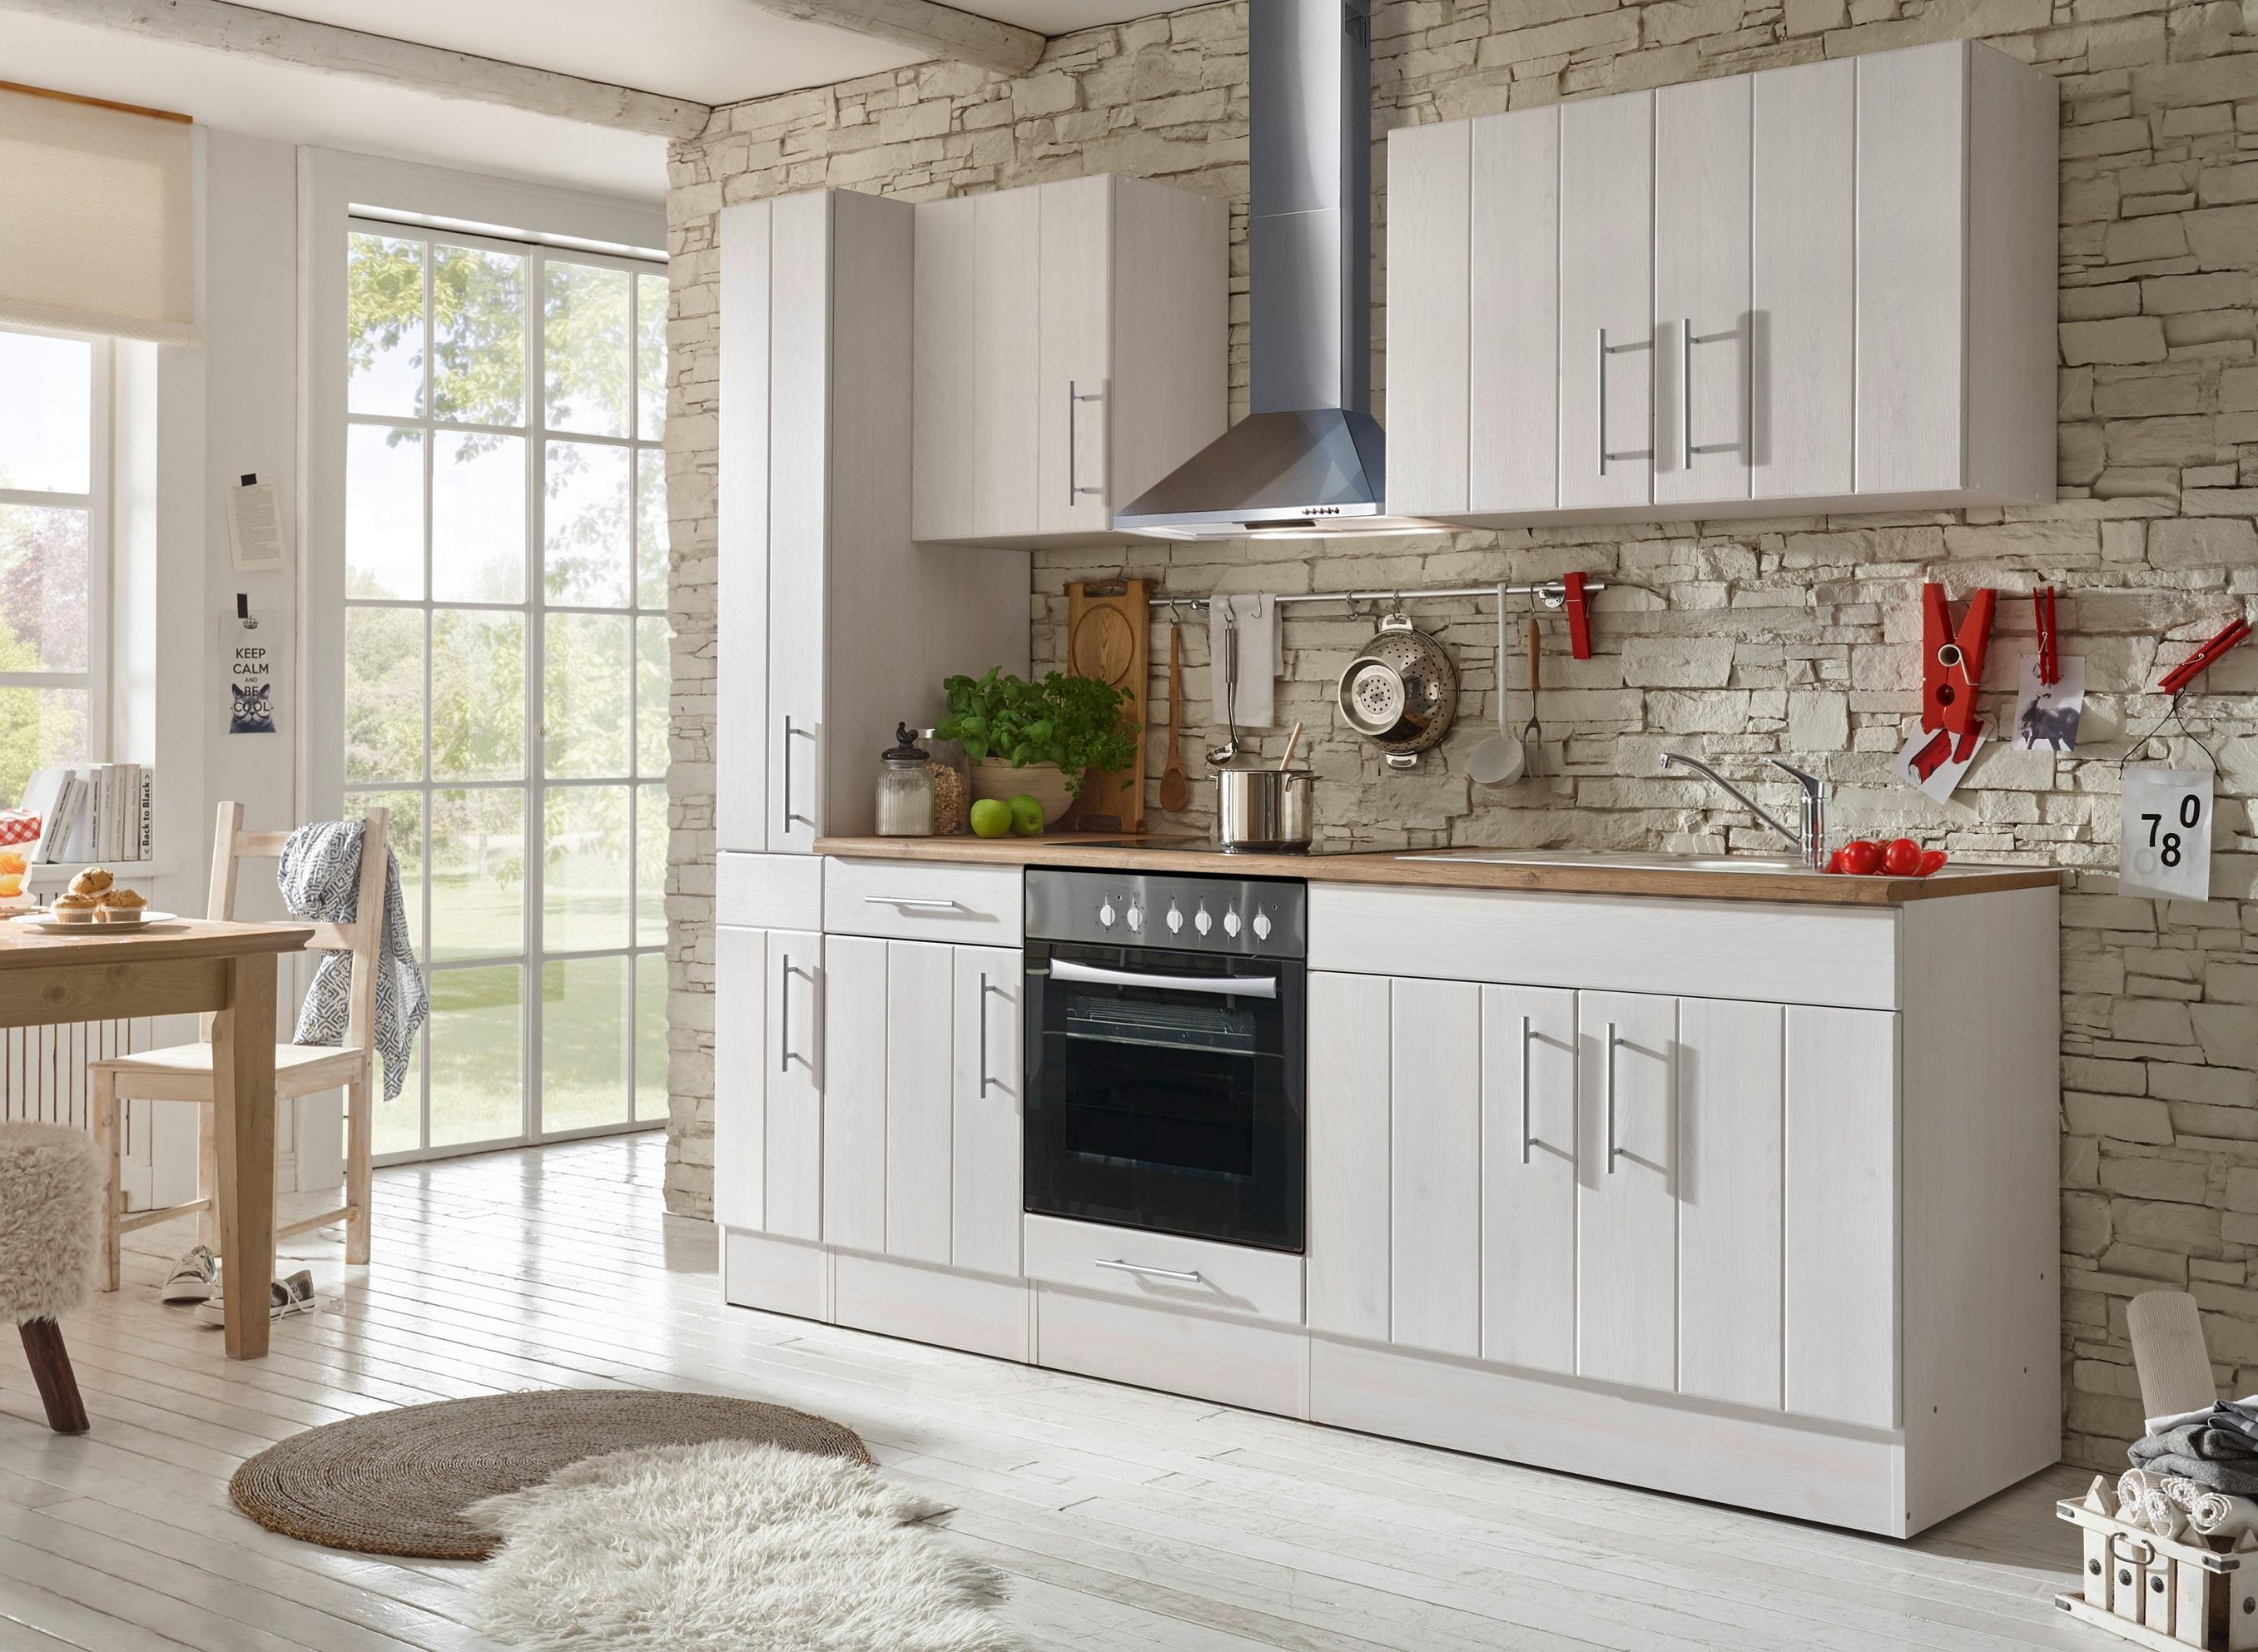 respekta Küche Küchenzeile Küchenblock Landhausküche Einbauküche 240 cm weiß